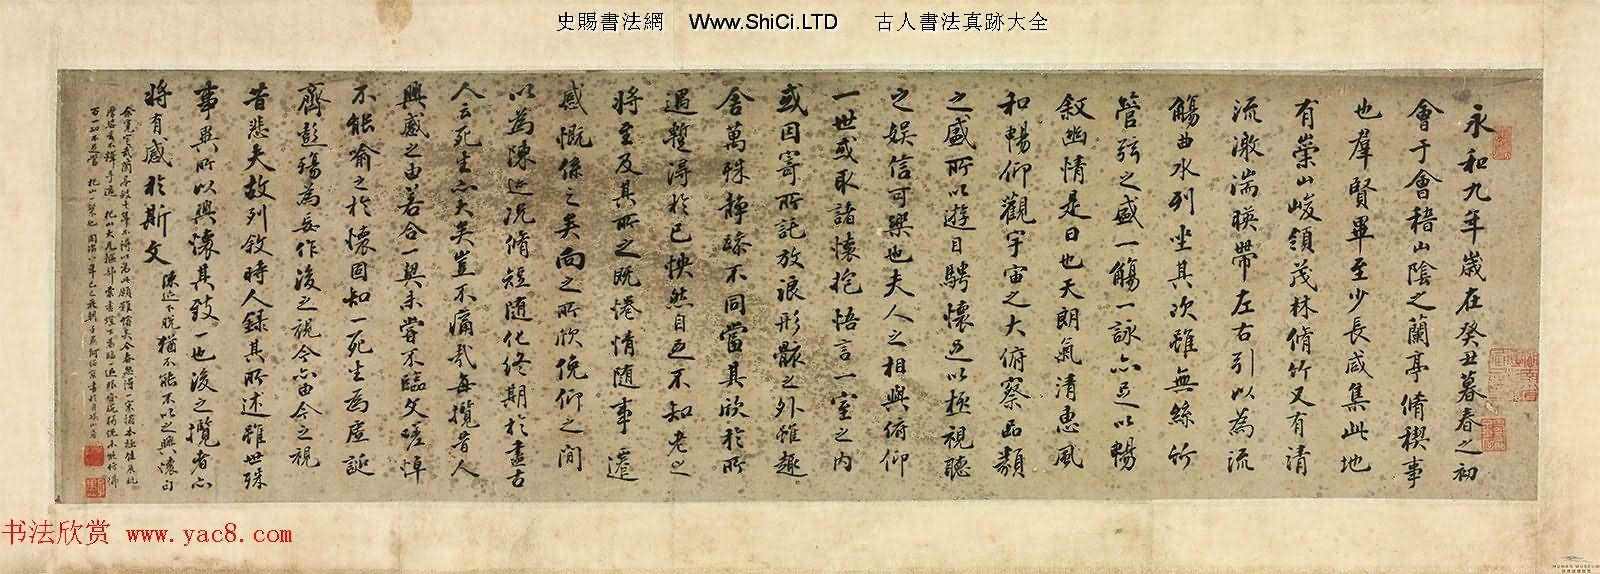 清代何紹京書法字帖《臨宋搨本蘭亭序》(共7張圖片)